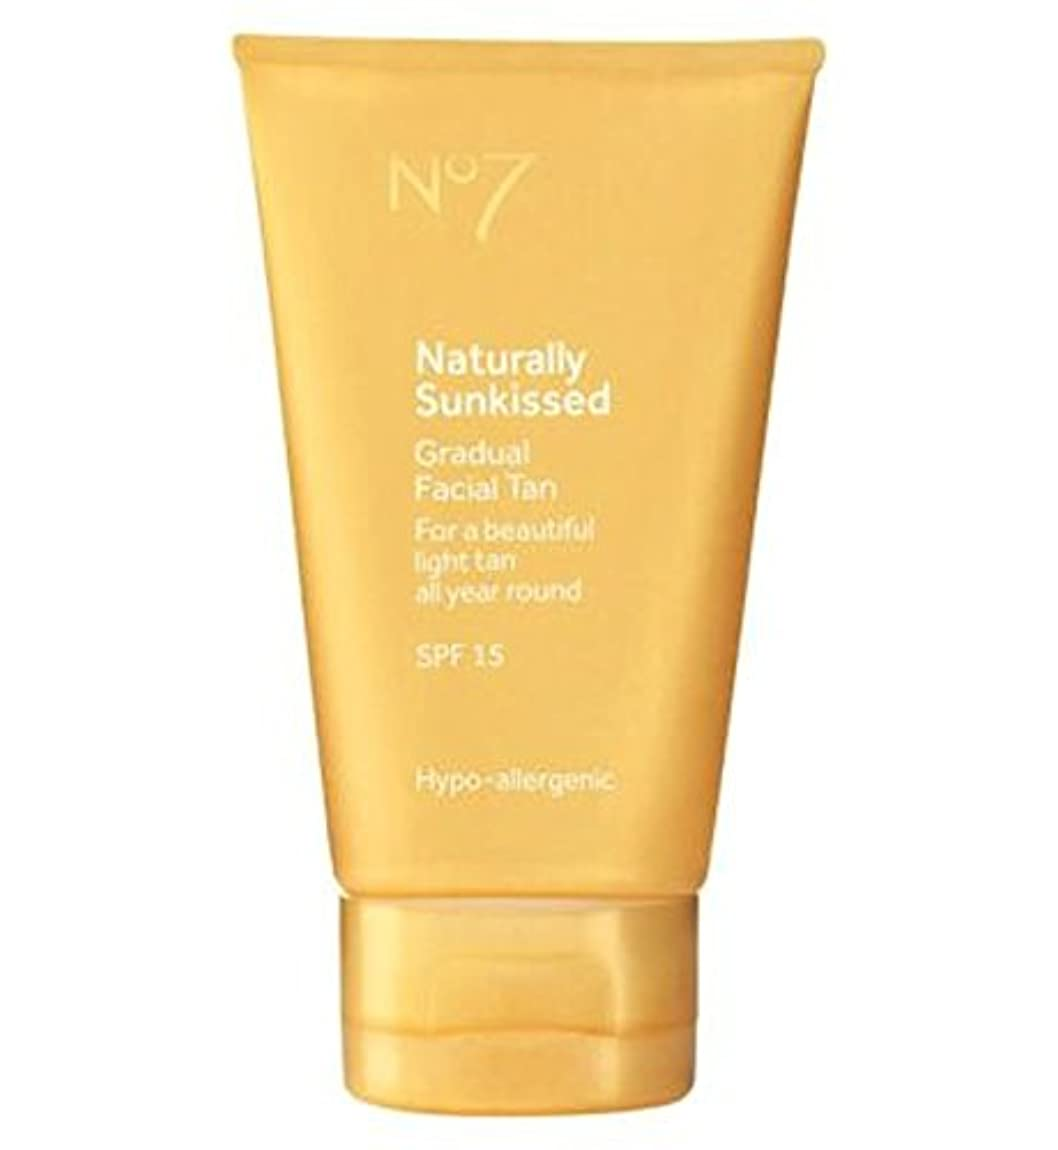 高さゆるいトラップNo7 Naturally Sun Kissed Gradual Face Tan SP15 - No7は自然に太陽が緩やかな顔日焼けSp15にキスをしました (No7) [並行輸入品]